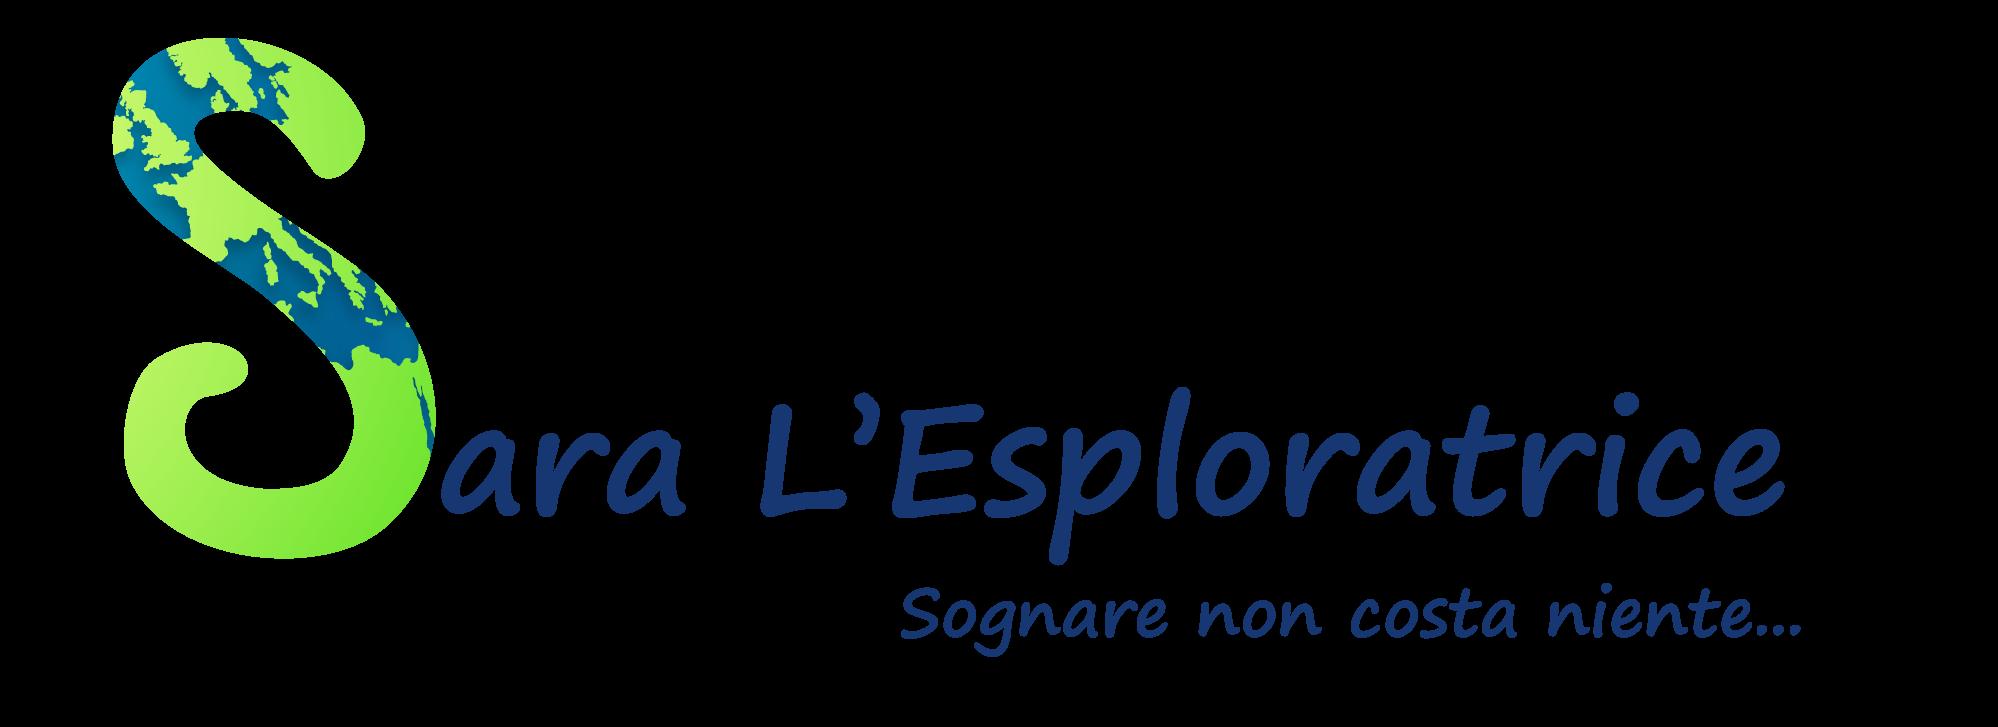 Sara L'Esploratrice – Travel Blog di Sara Ciolini